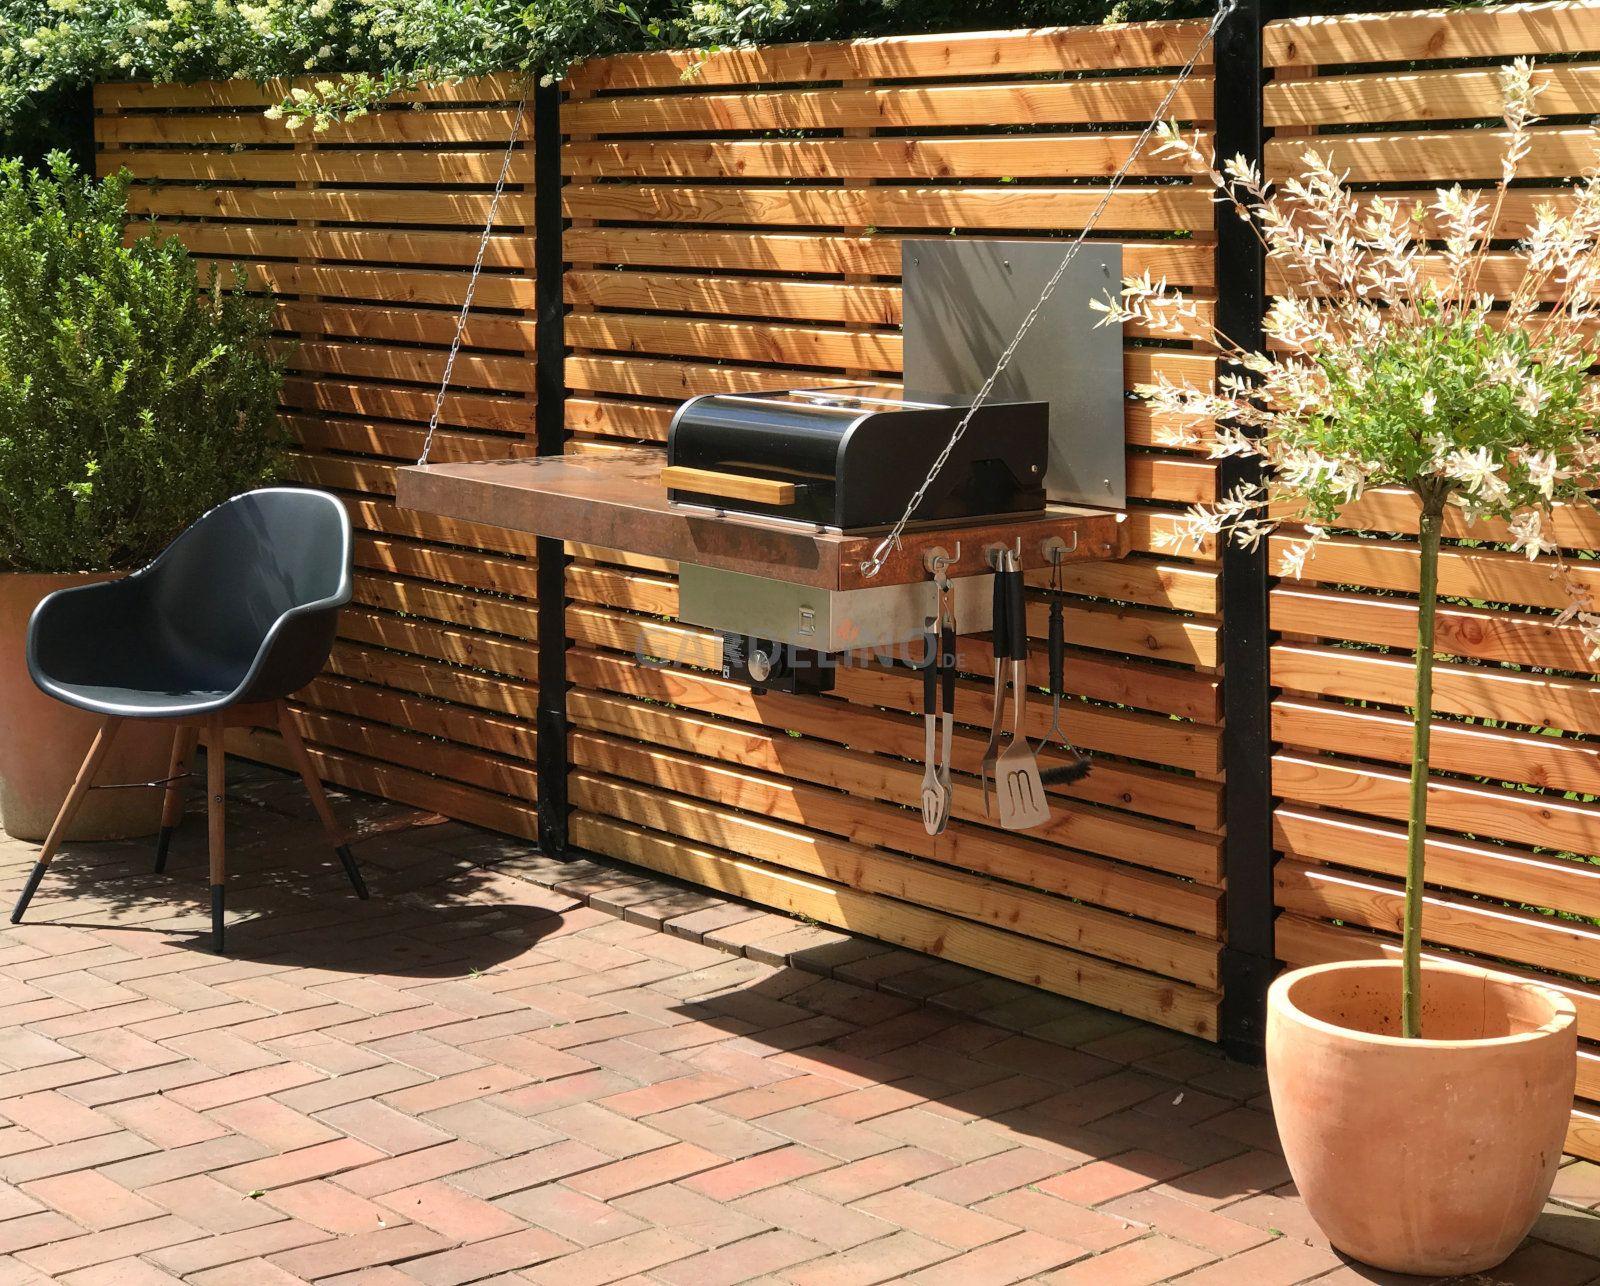 Weber Outdoor Küche Xxl : Xxl fondue und grill küche outdoor eigenbau kombinierter